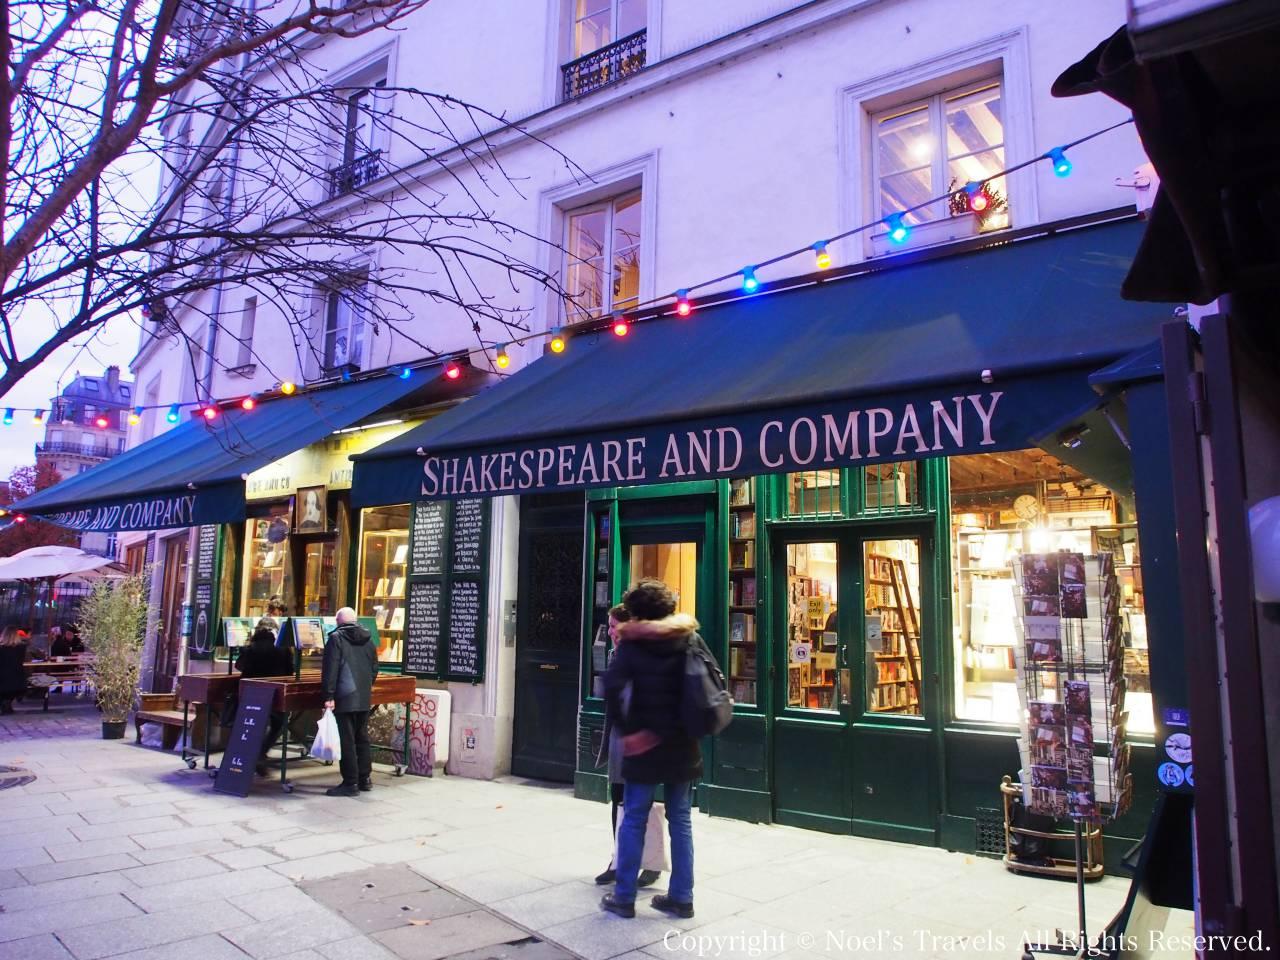 パリで人気の書店「シェイクスピア・アンド・カンパニー」